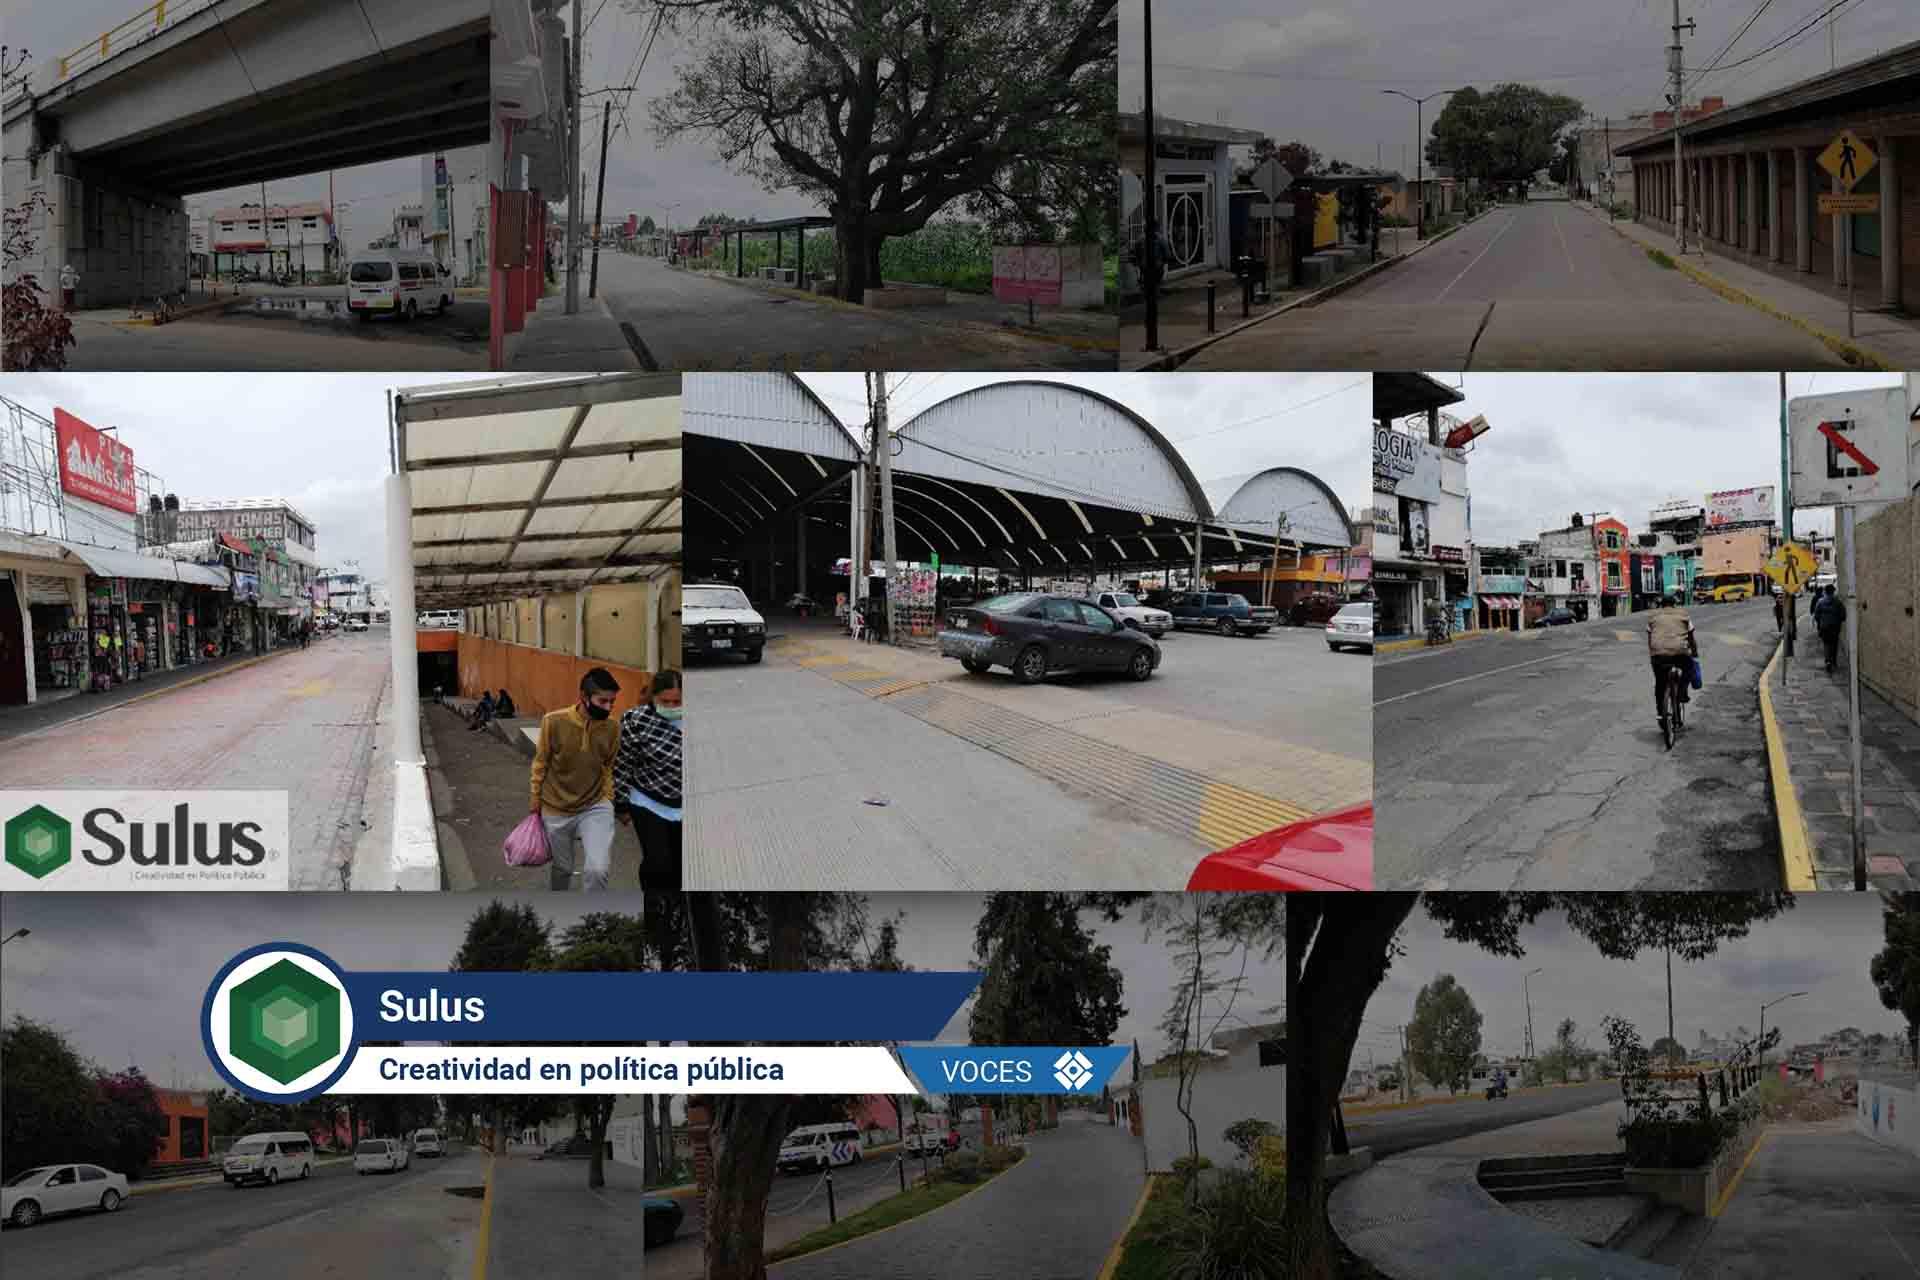 Movilidad peatonal en Zacatelco-Sulus-Política-Pública-Movidad